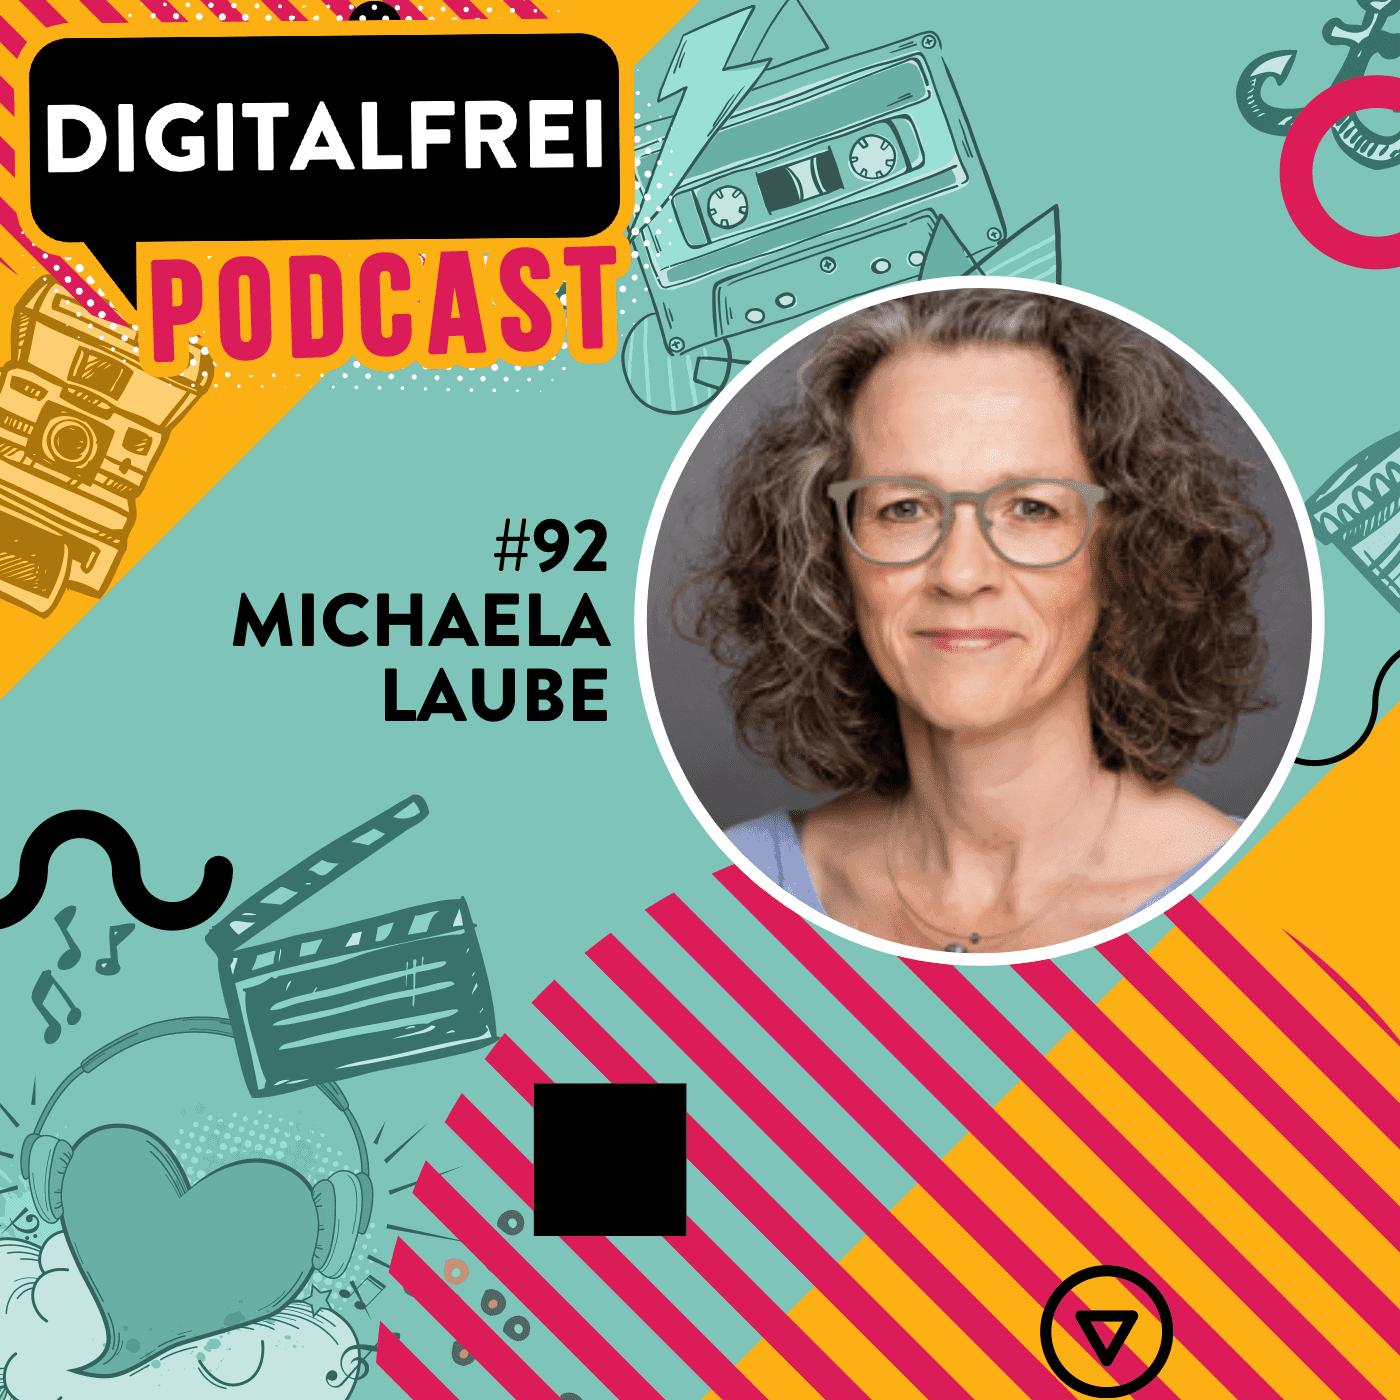 #92 – Michaela Laube – Hauptberuflich im öffentlichen Dienst und nebenberuflich Virtuelle Assistentin